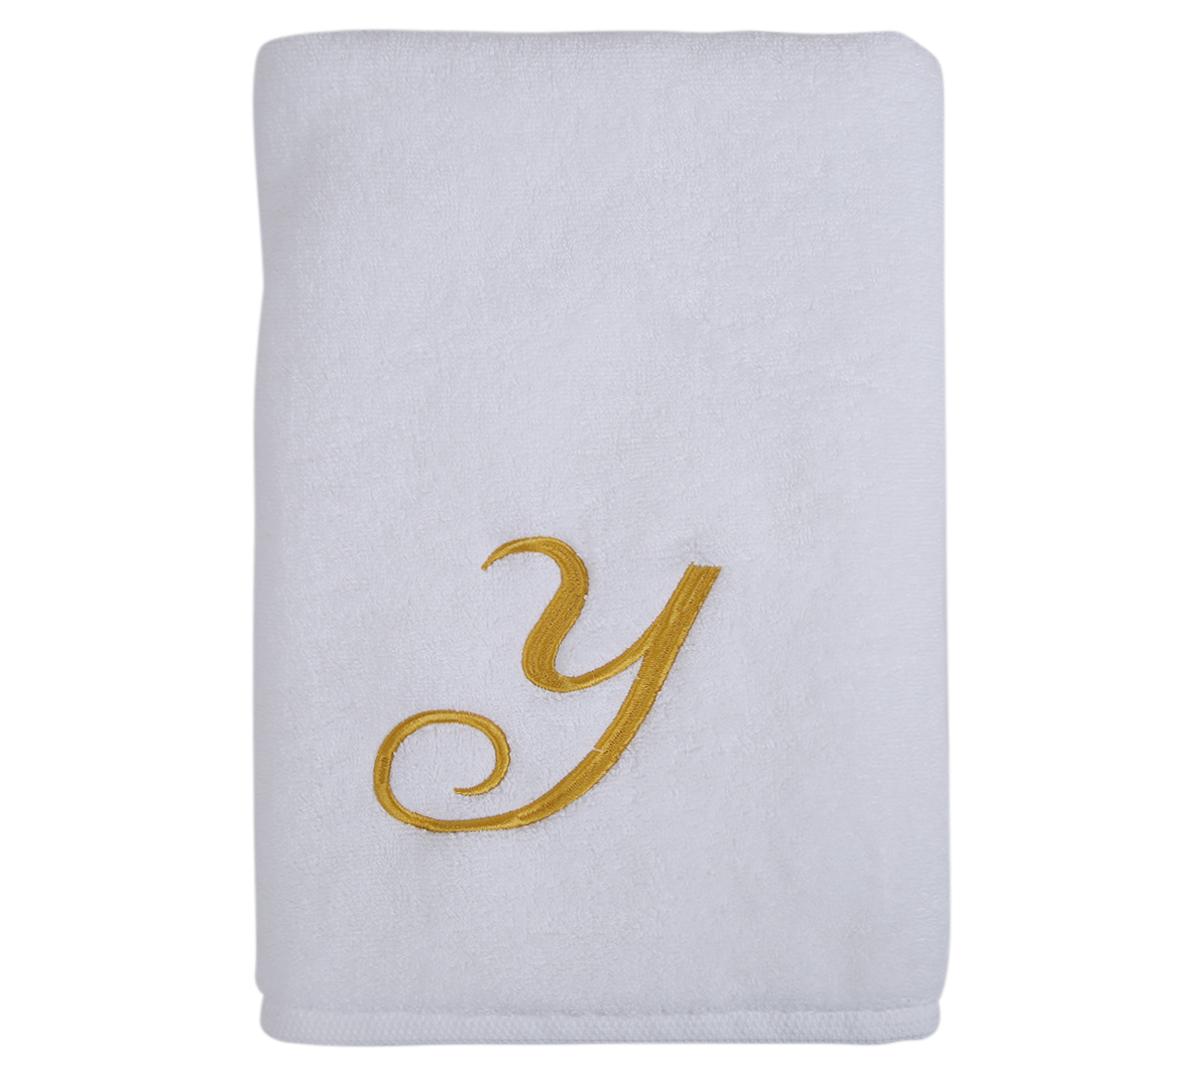 Alphabet Bath Towel 70x140cm Letter Y